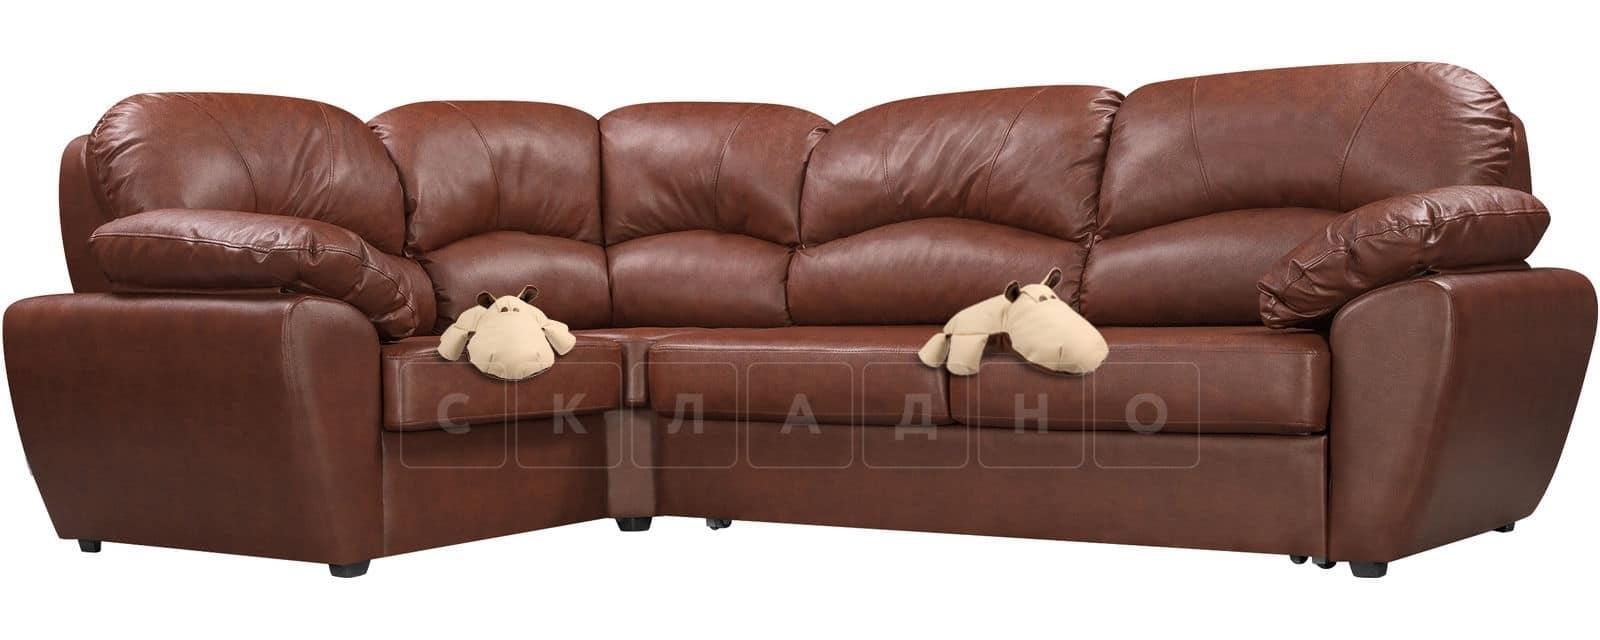 Угловой диван Эвита кожаный коричневый левый угол фото 4   интернет-магазин Складно